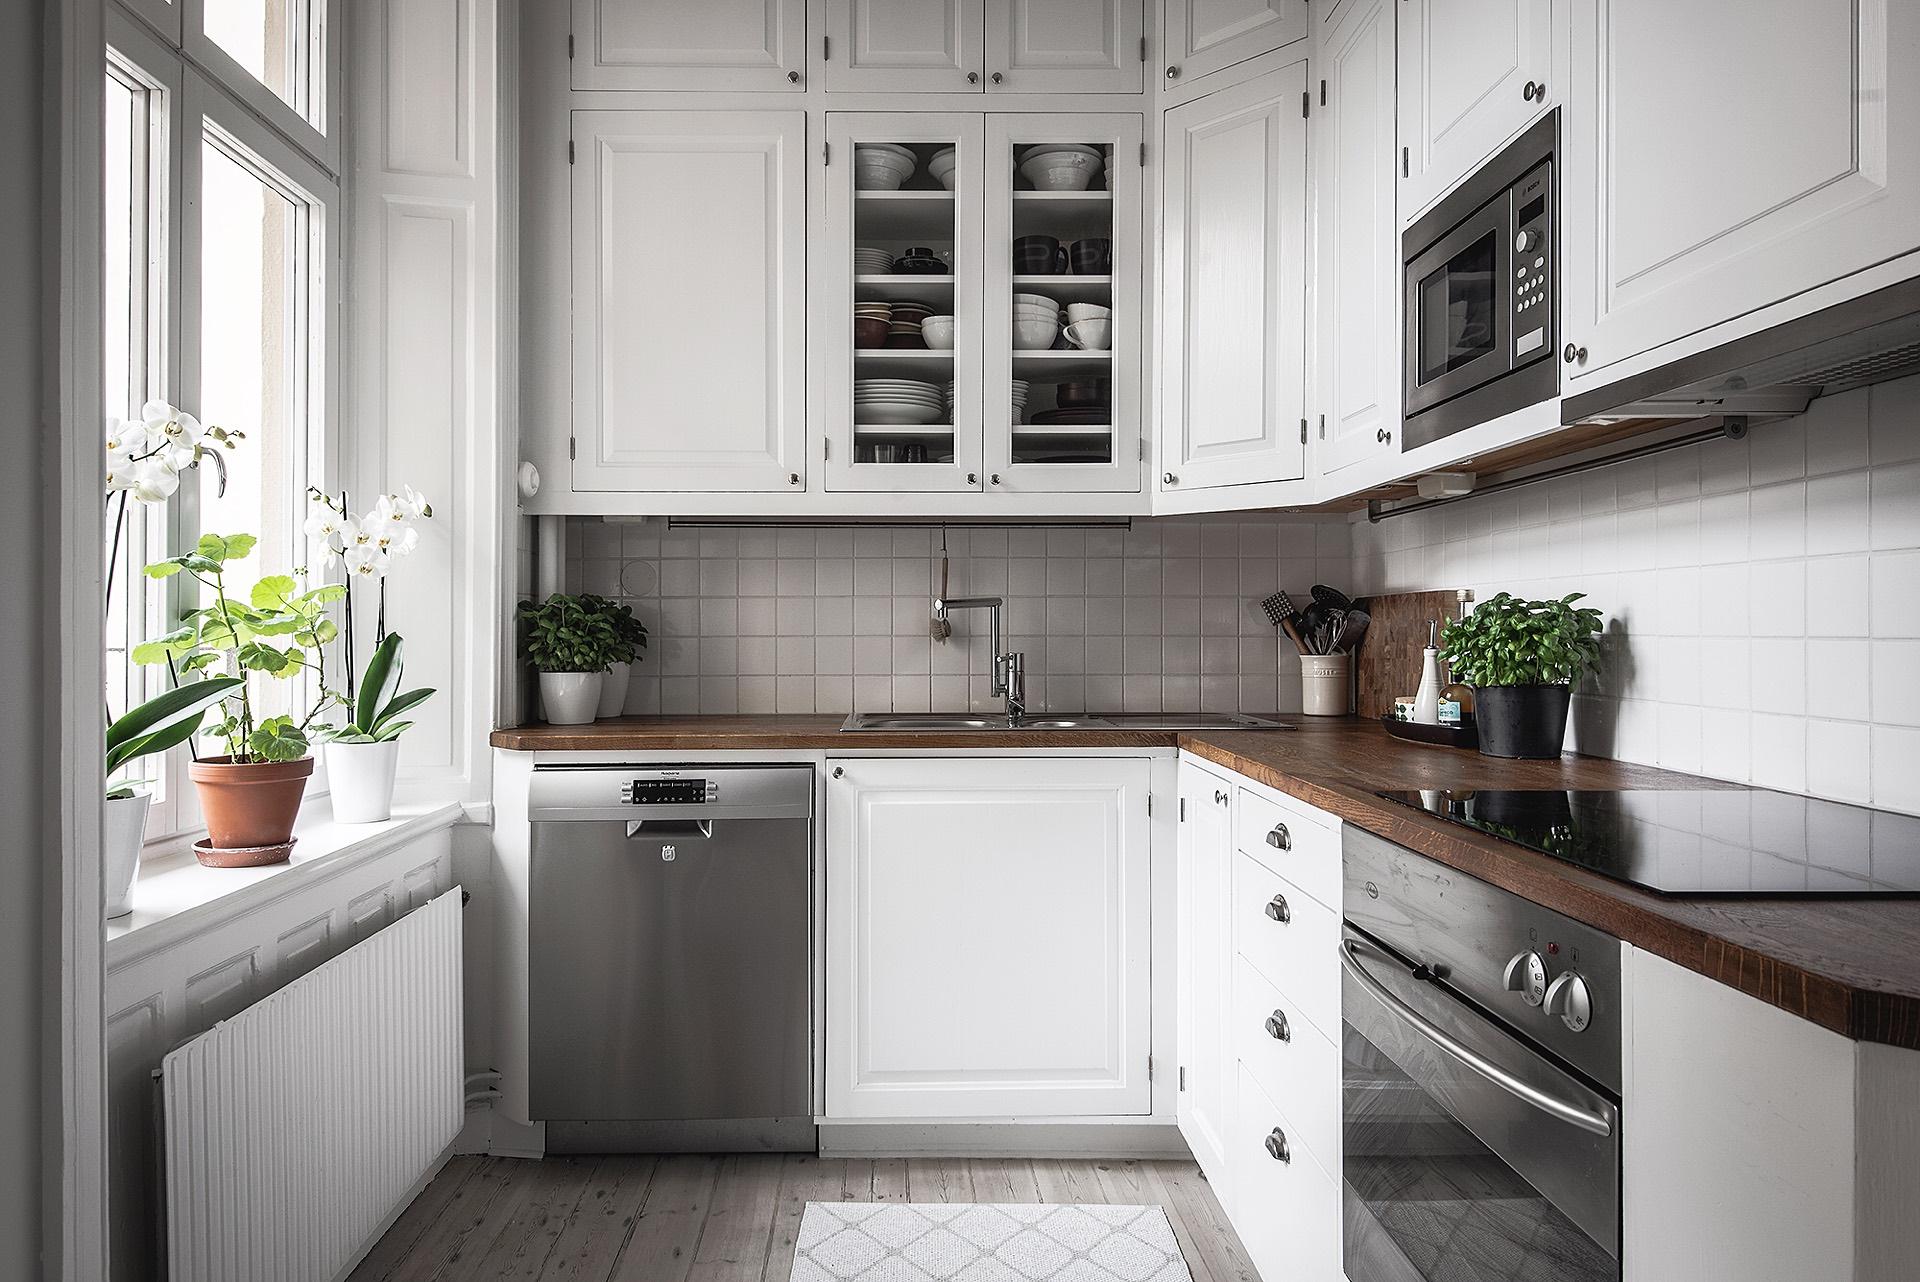 кухонная мебель белые фасады филёнка встроенная техника окно откосы подоконник радиатор